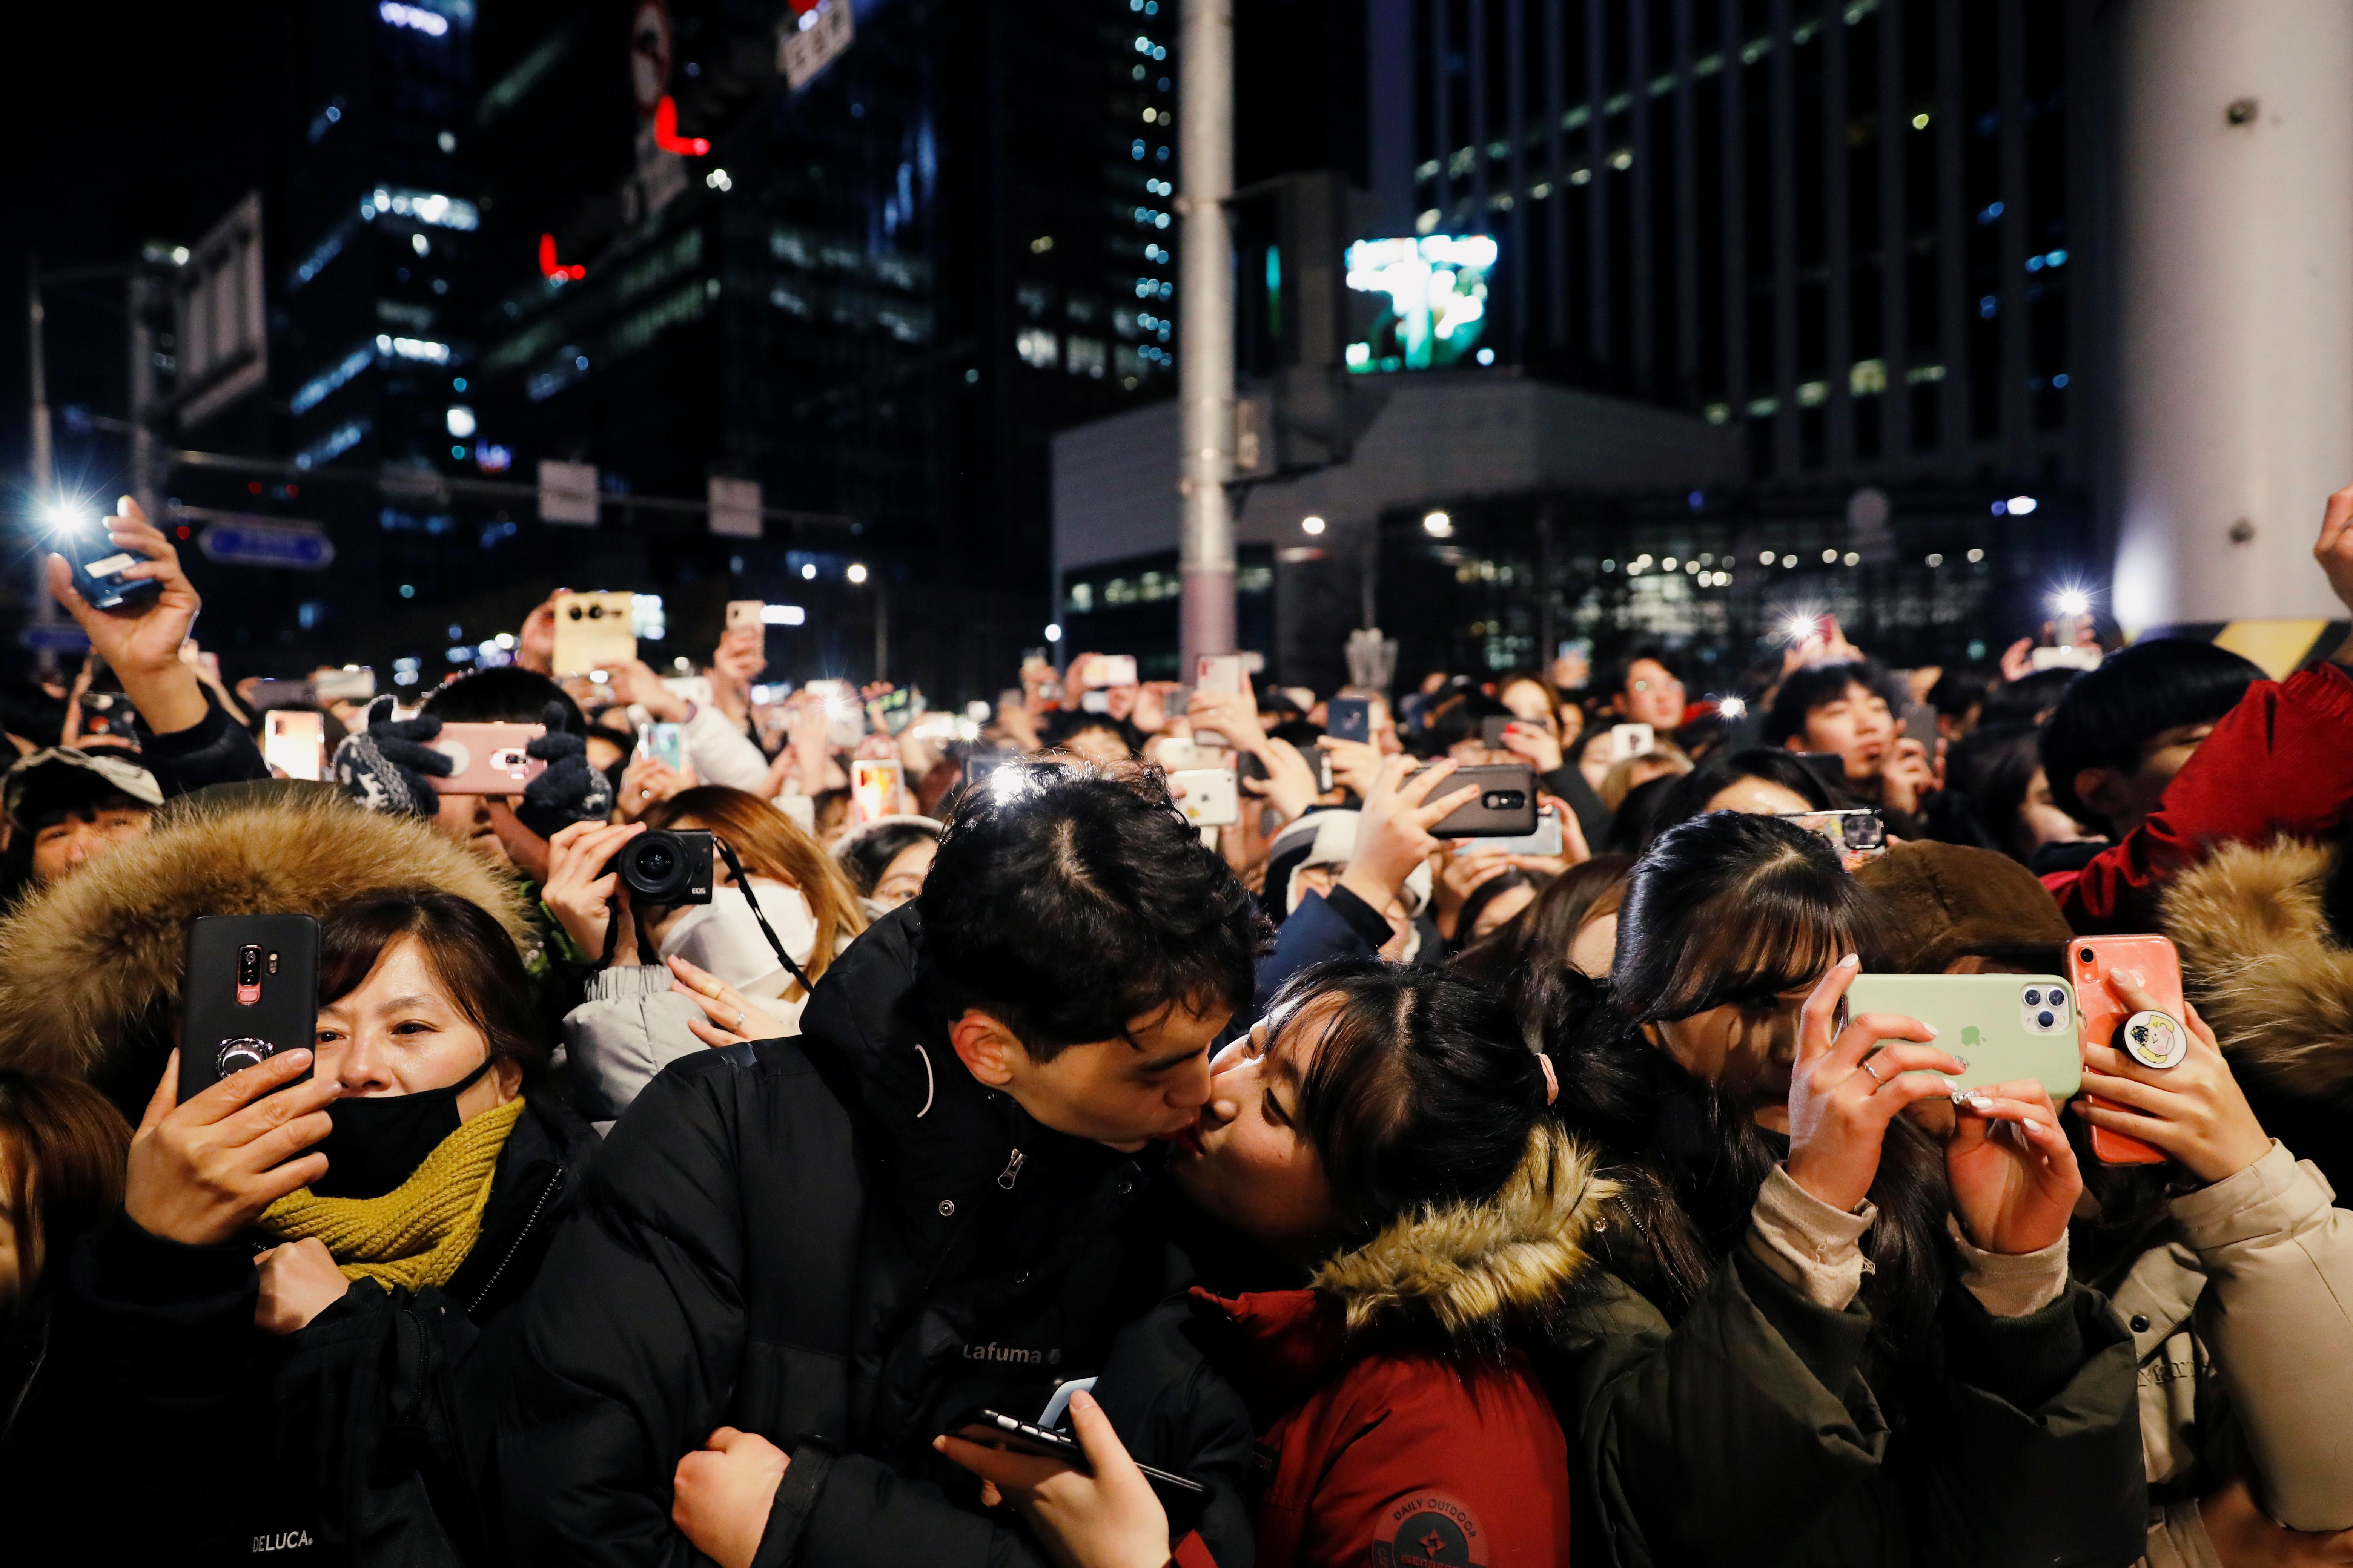 Una pareja se besa para celebrar el año nuevo en las calles de Seúl